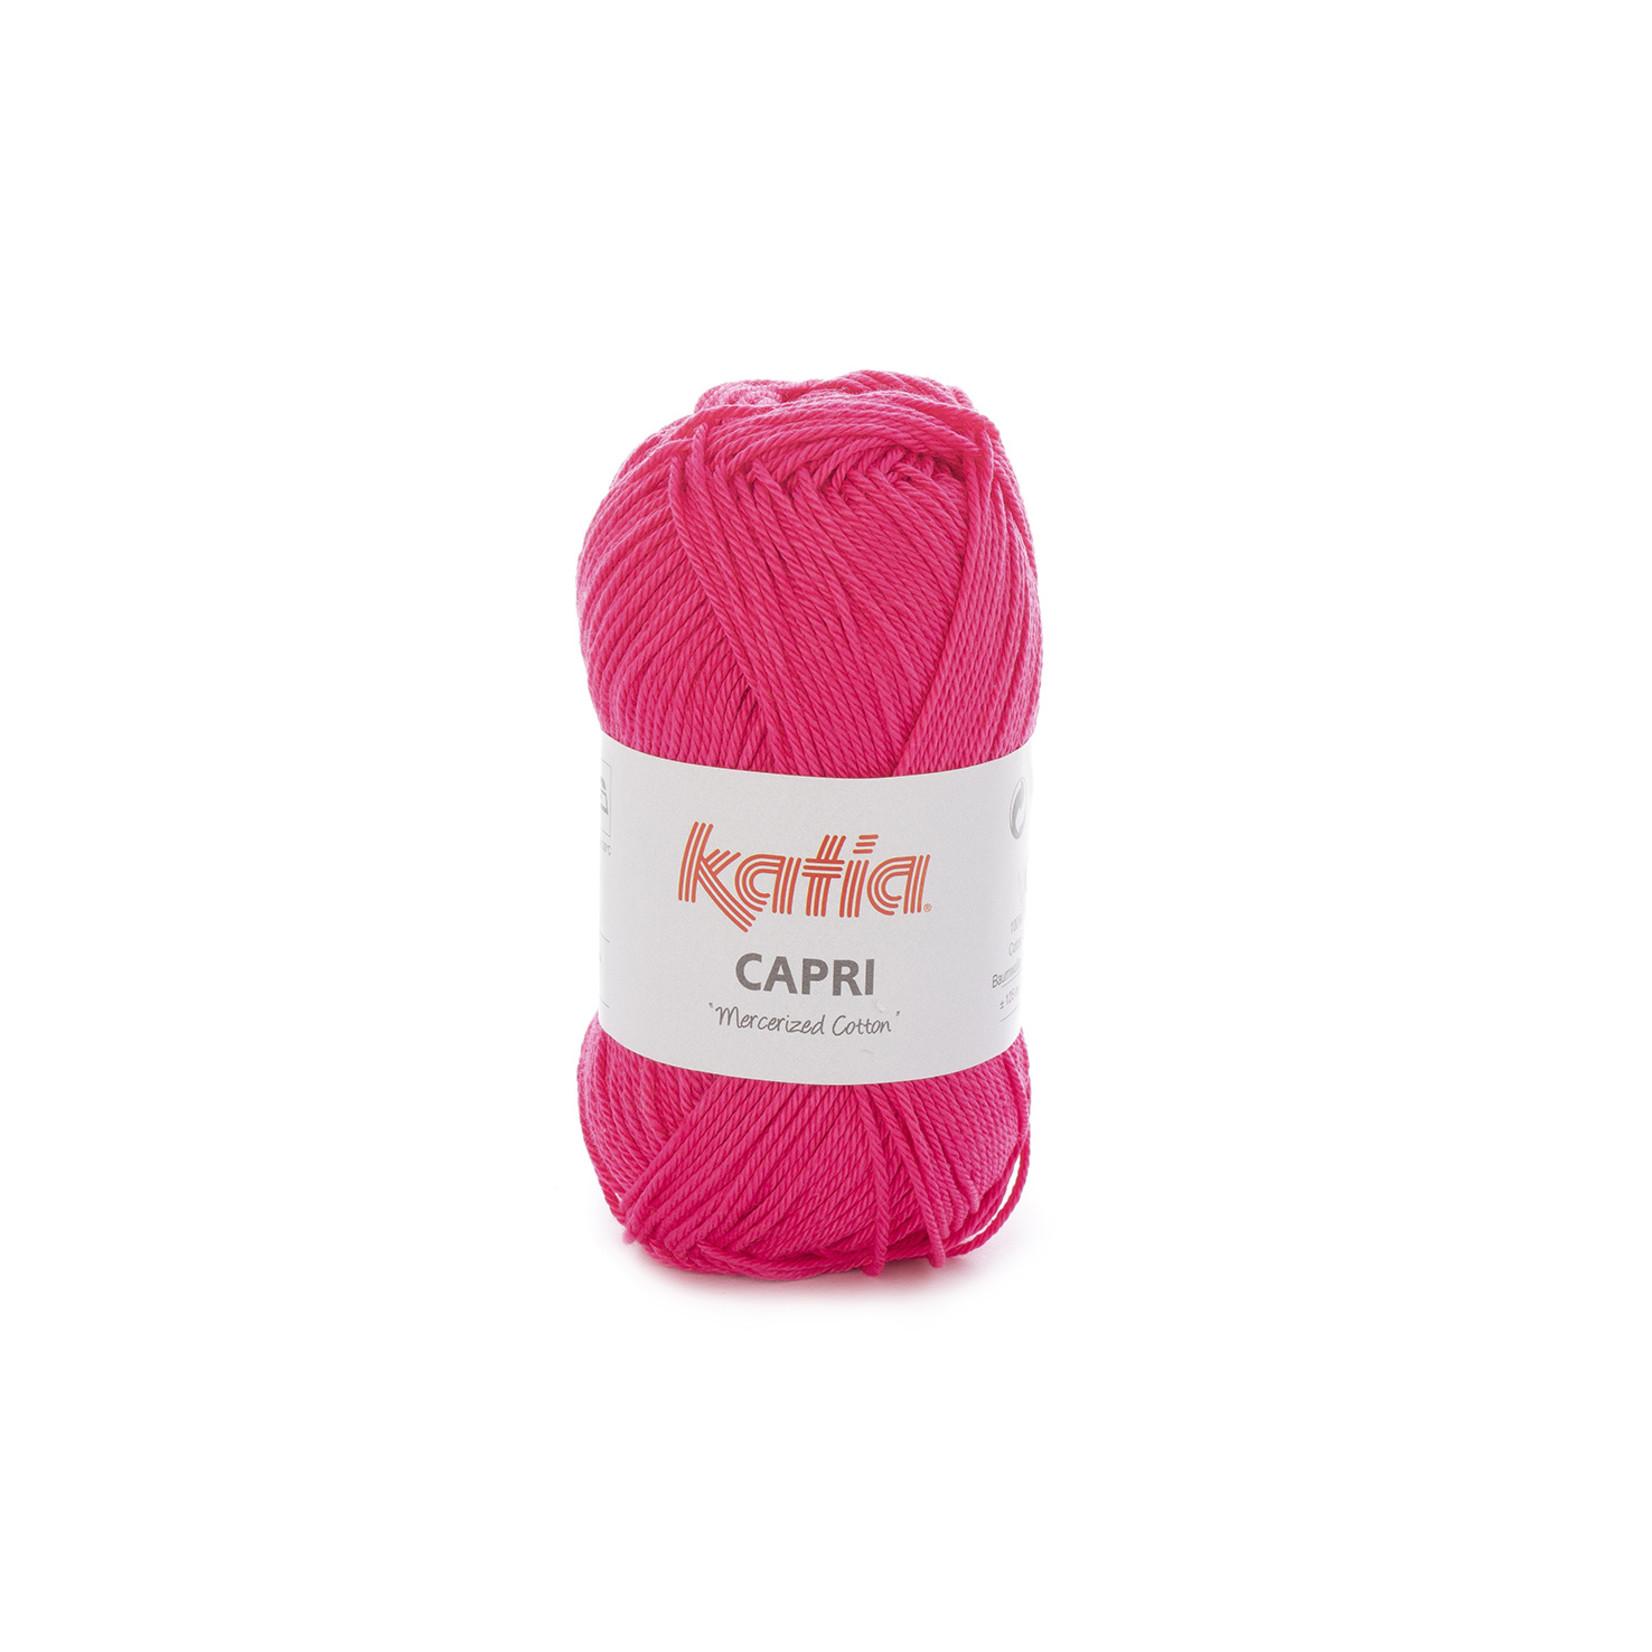 Katia Katia Capri - kleur 115 Fuchsia - 50 gr. = 125 m. - 100% katoen